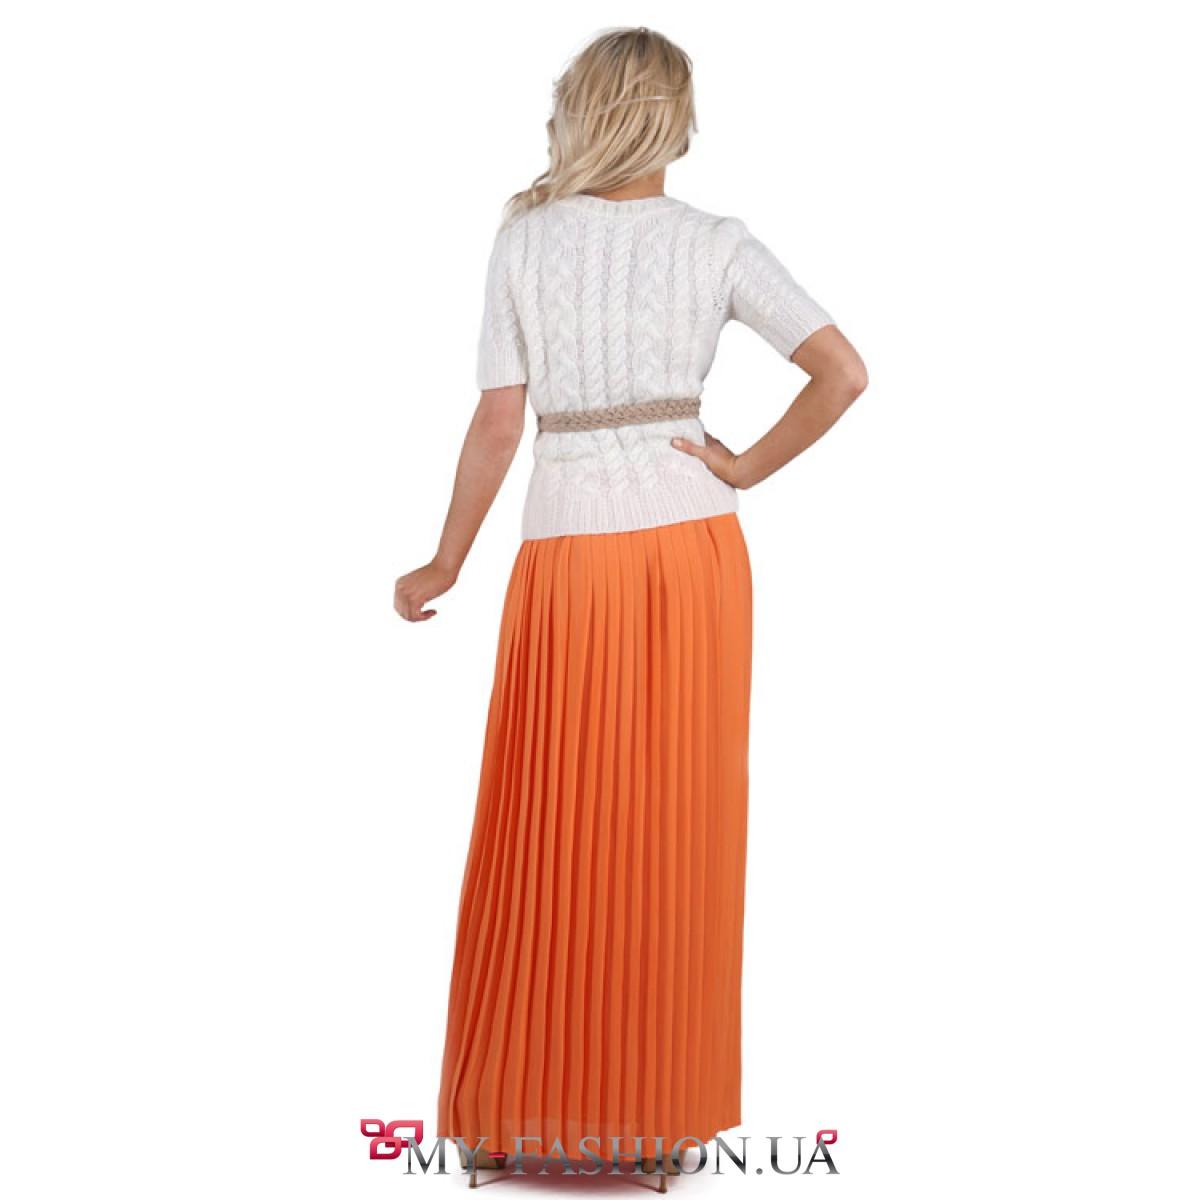 Юбка Оранжевая